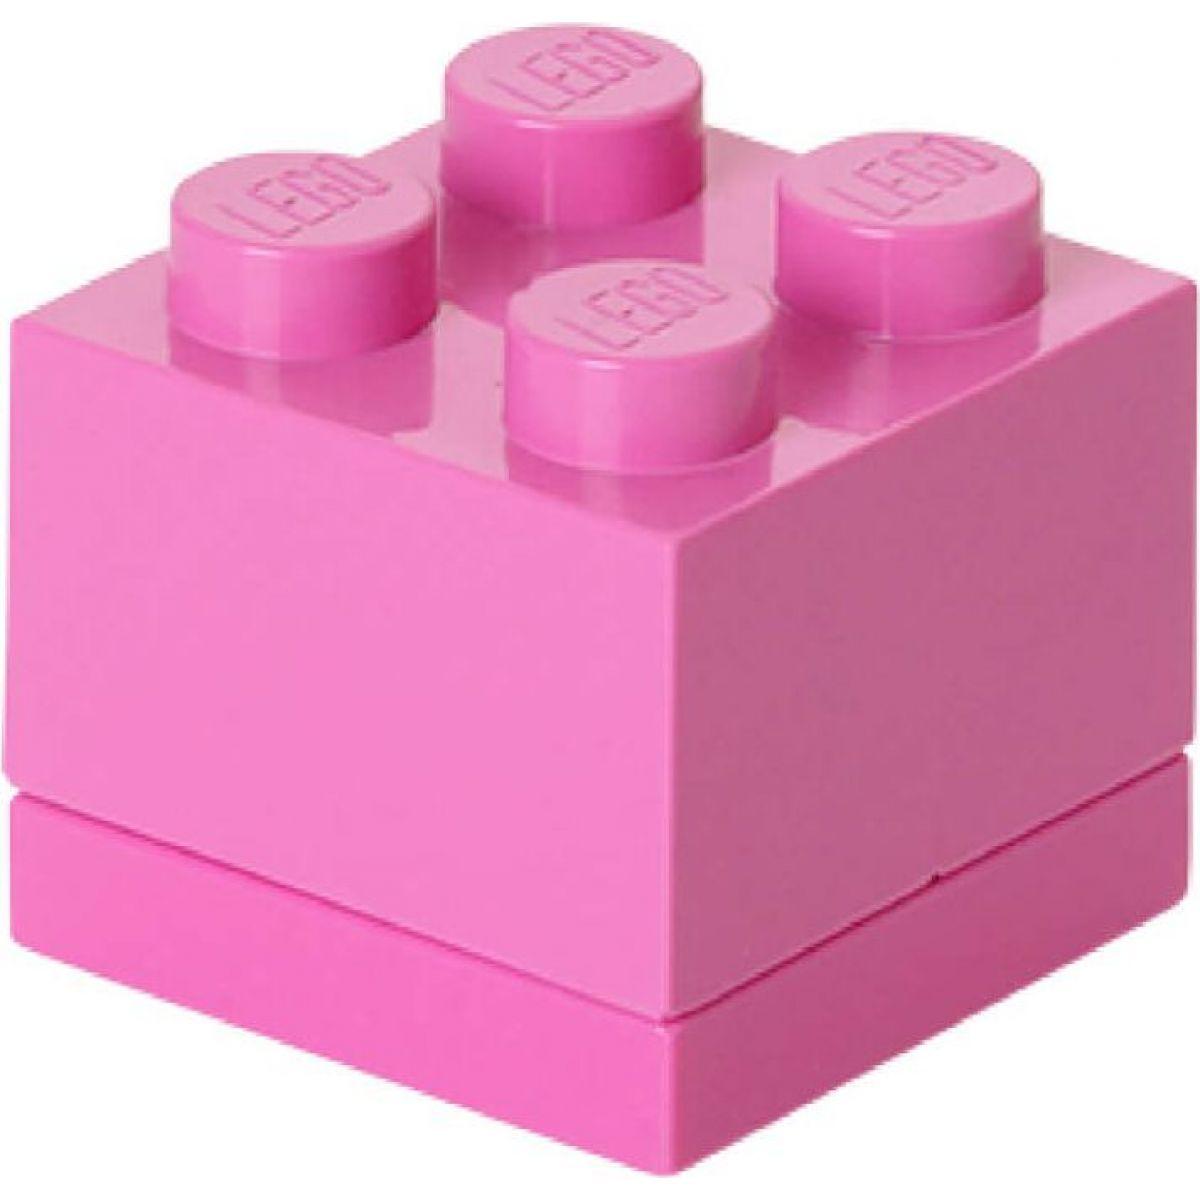 LEGO Mini Box 4,6 x 4,6 x 4,3 cm Ružová